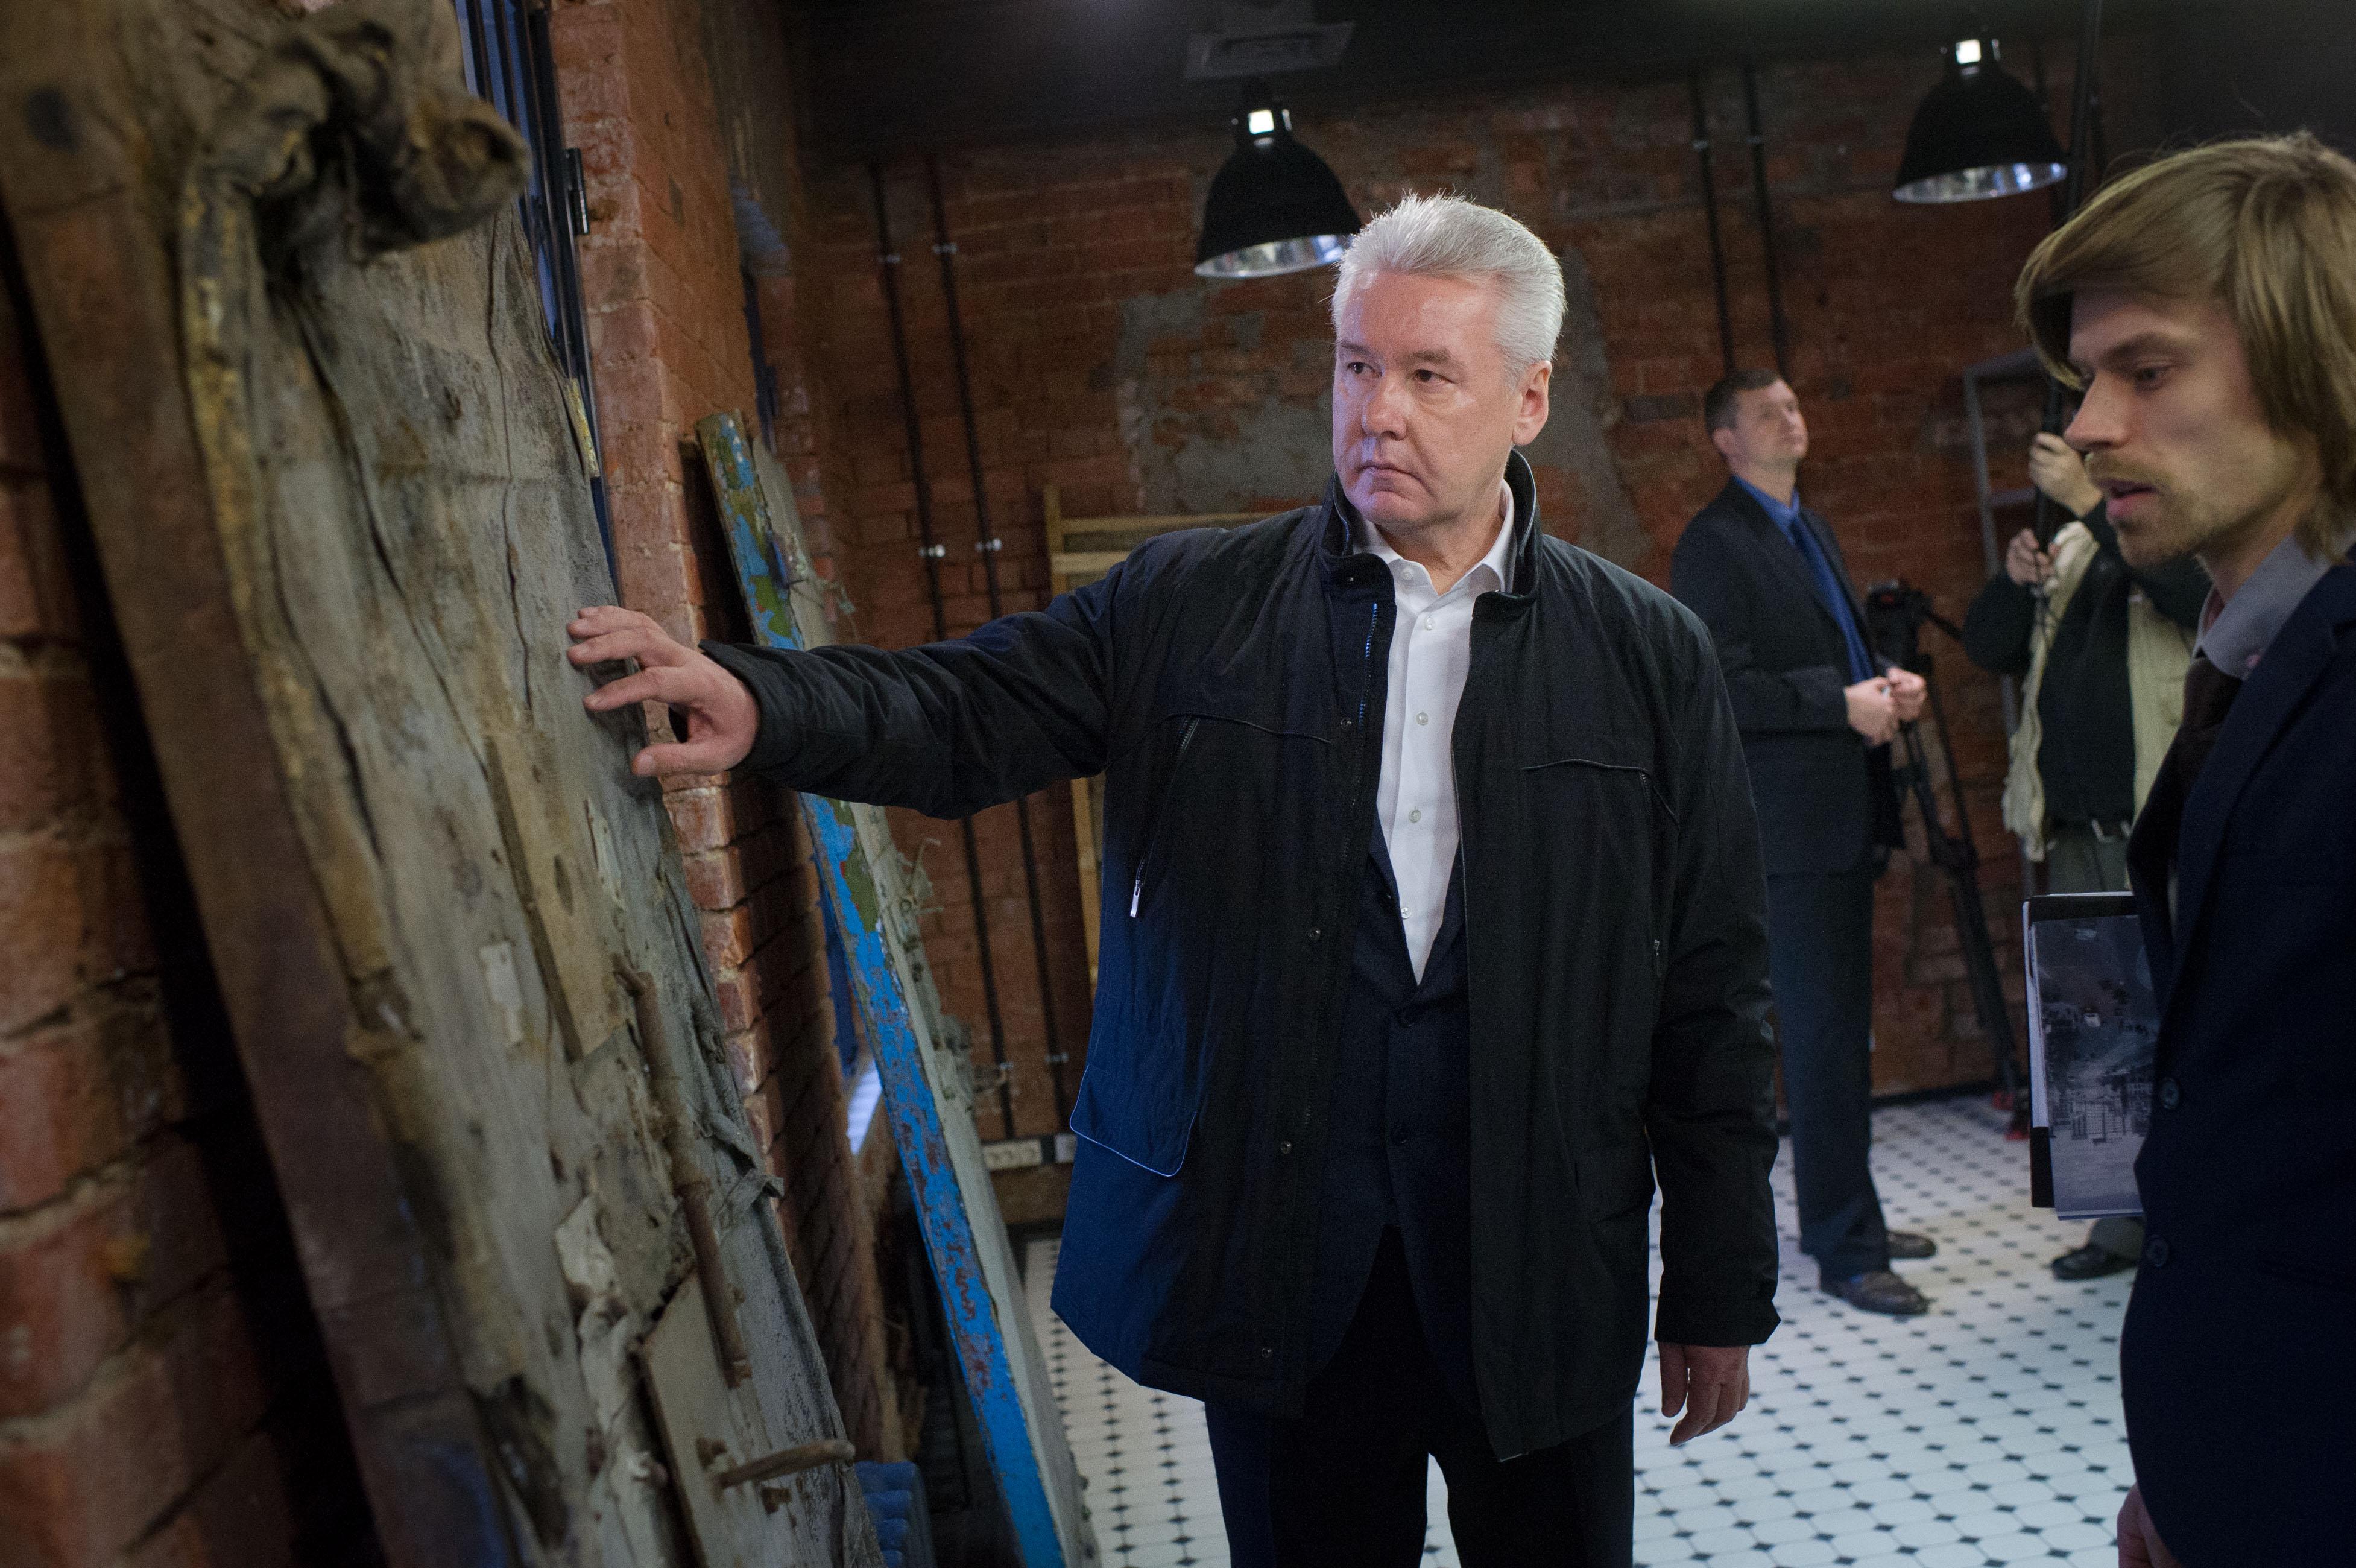 Сергей Собянин во время осмотра нового здания Музея истории ГУЛАГа